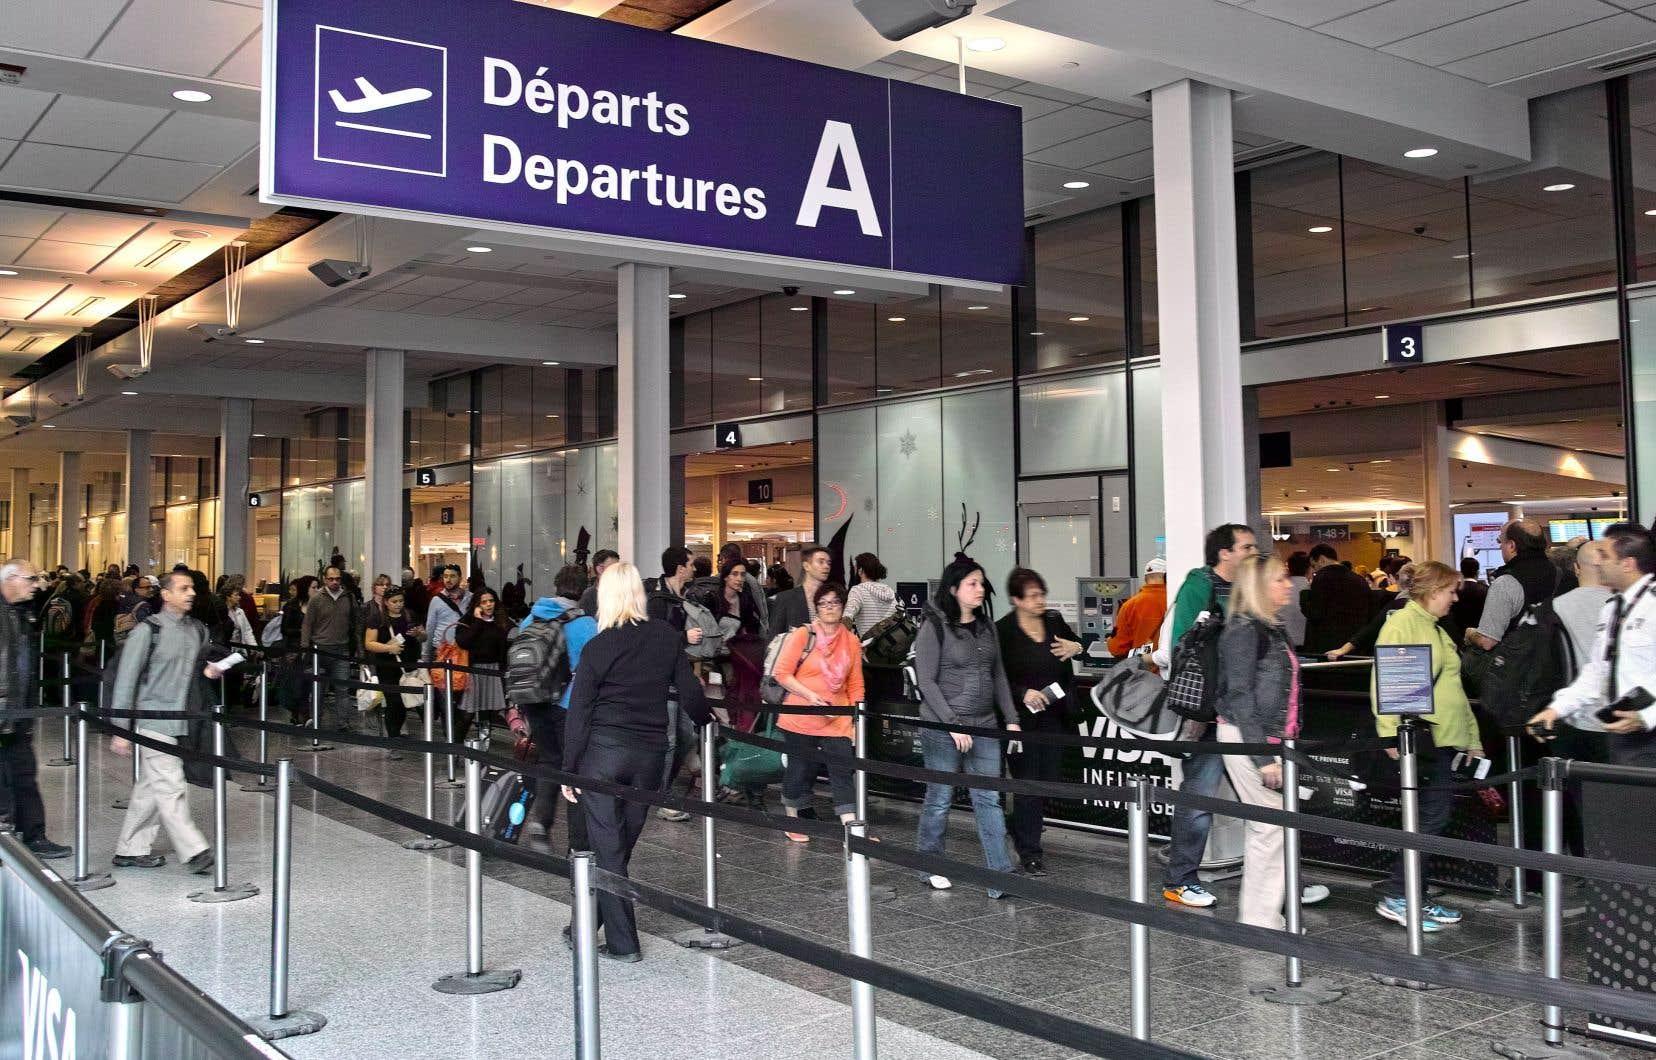 Grâce à l'entente conclue avec Aéroports de Montréal, les membres conducteurs d'Eva pourront embarquer des voyageurs aux portes 7 et 8 du niveau des départs.